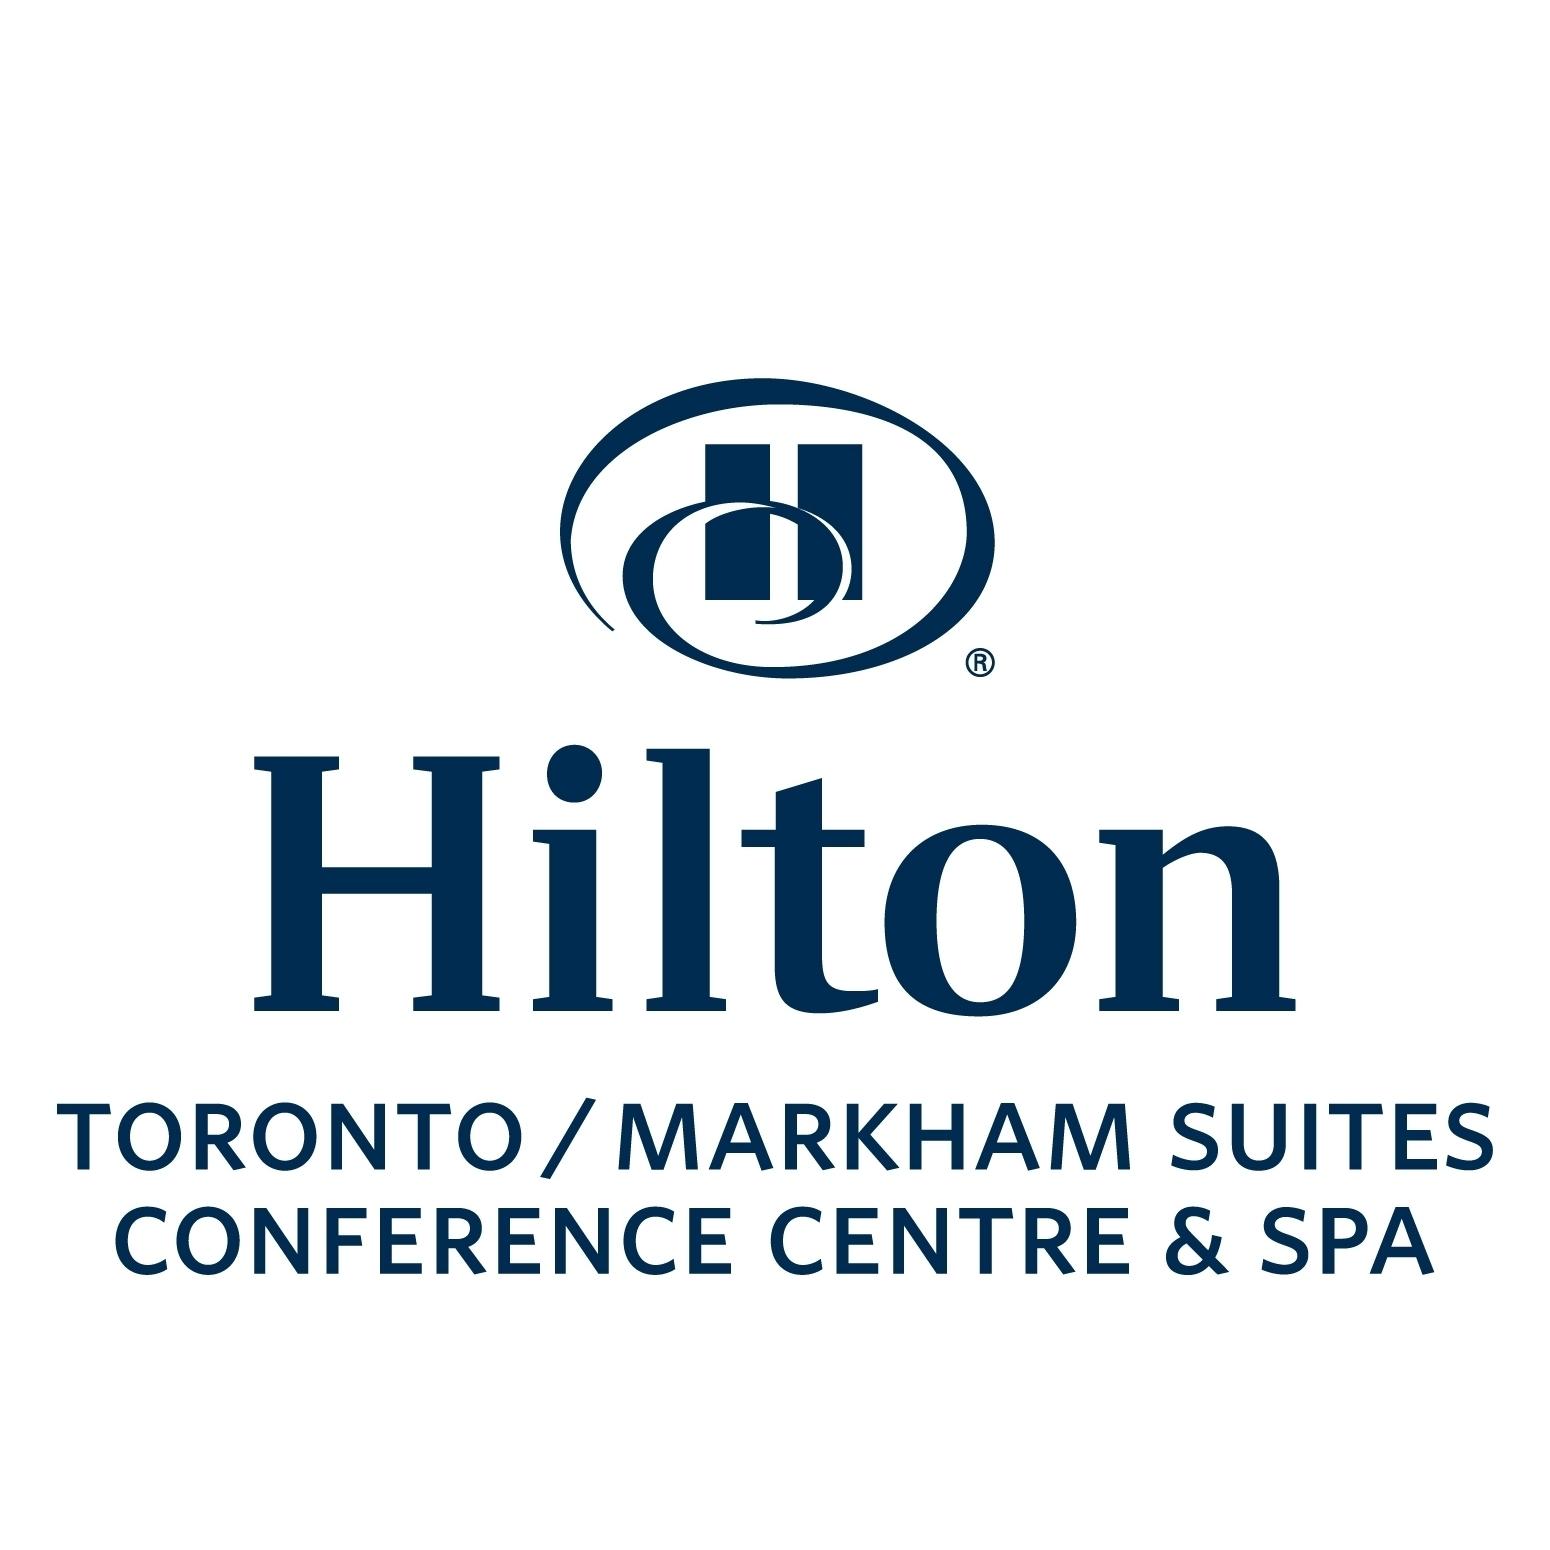 Hilton Toronto/Markham Suites Conference Centre & Spa - Hotels